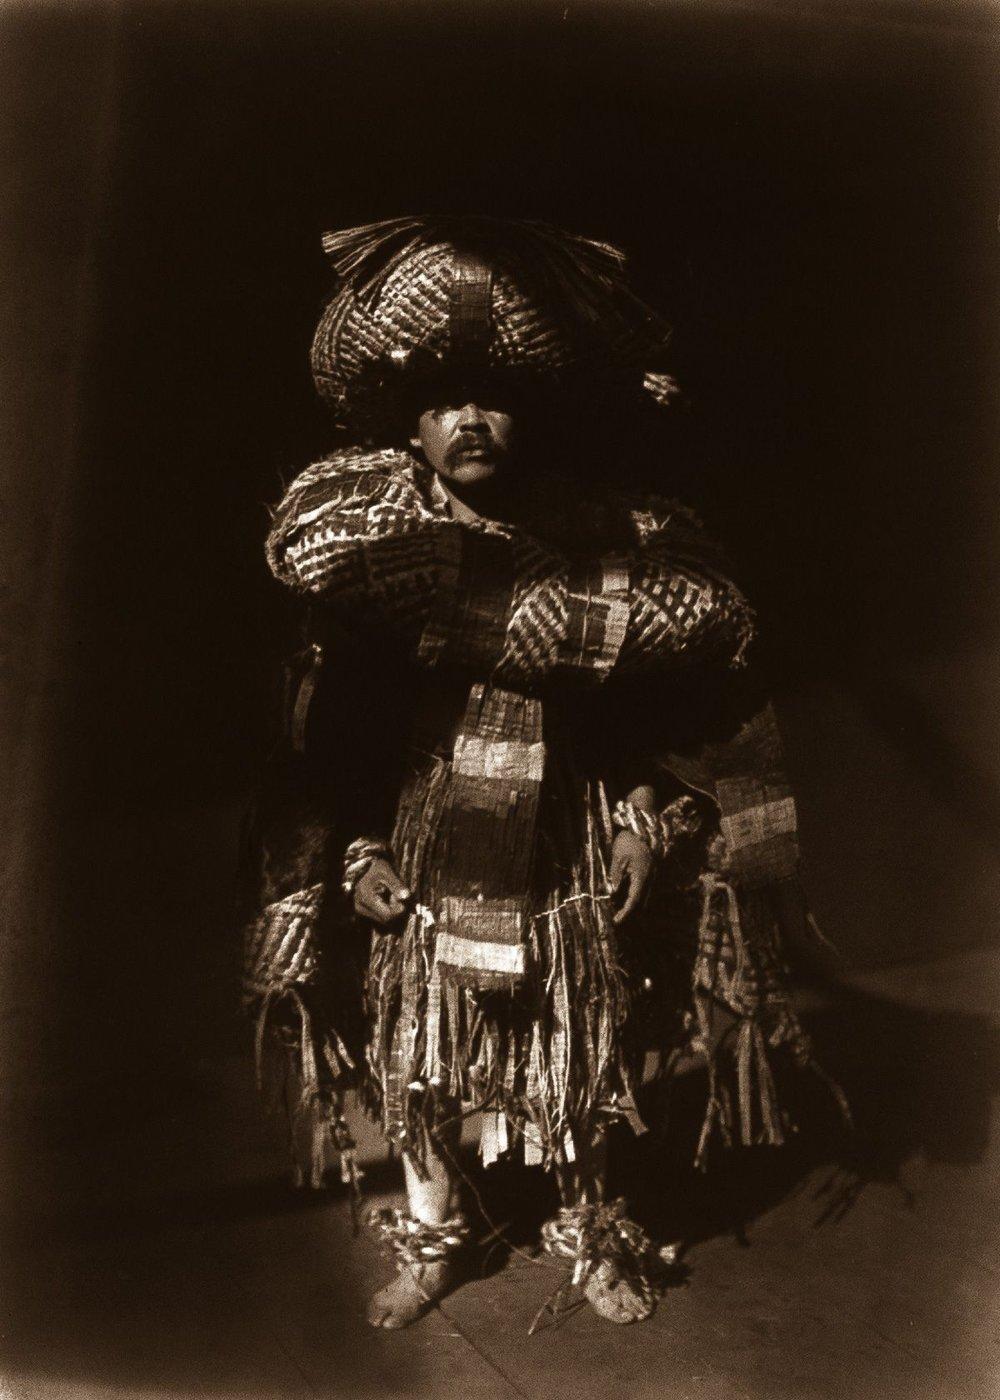 A Kwakiutl shaman,  1914.  ©EDWARD S. CURTIS/LIBRARY OF CONGRESS